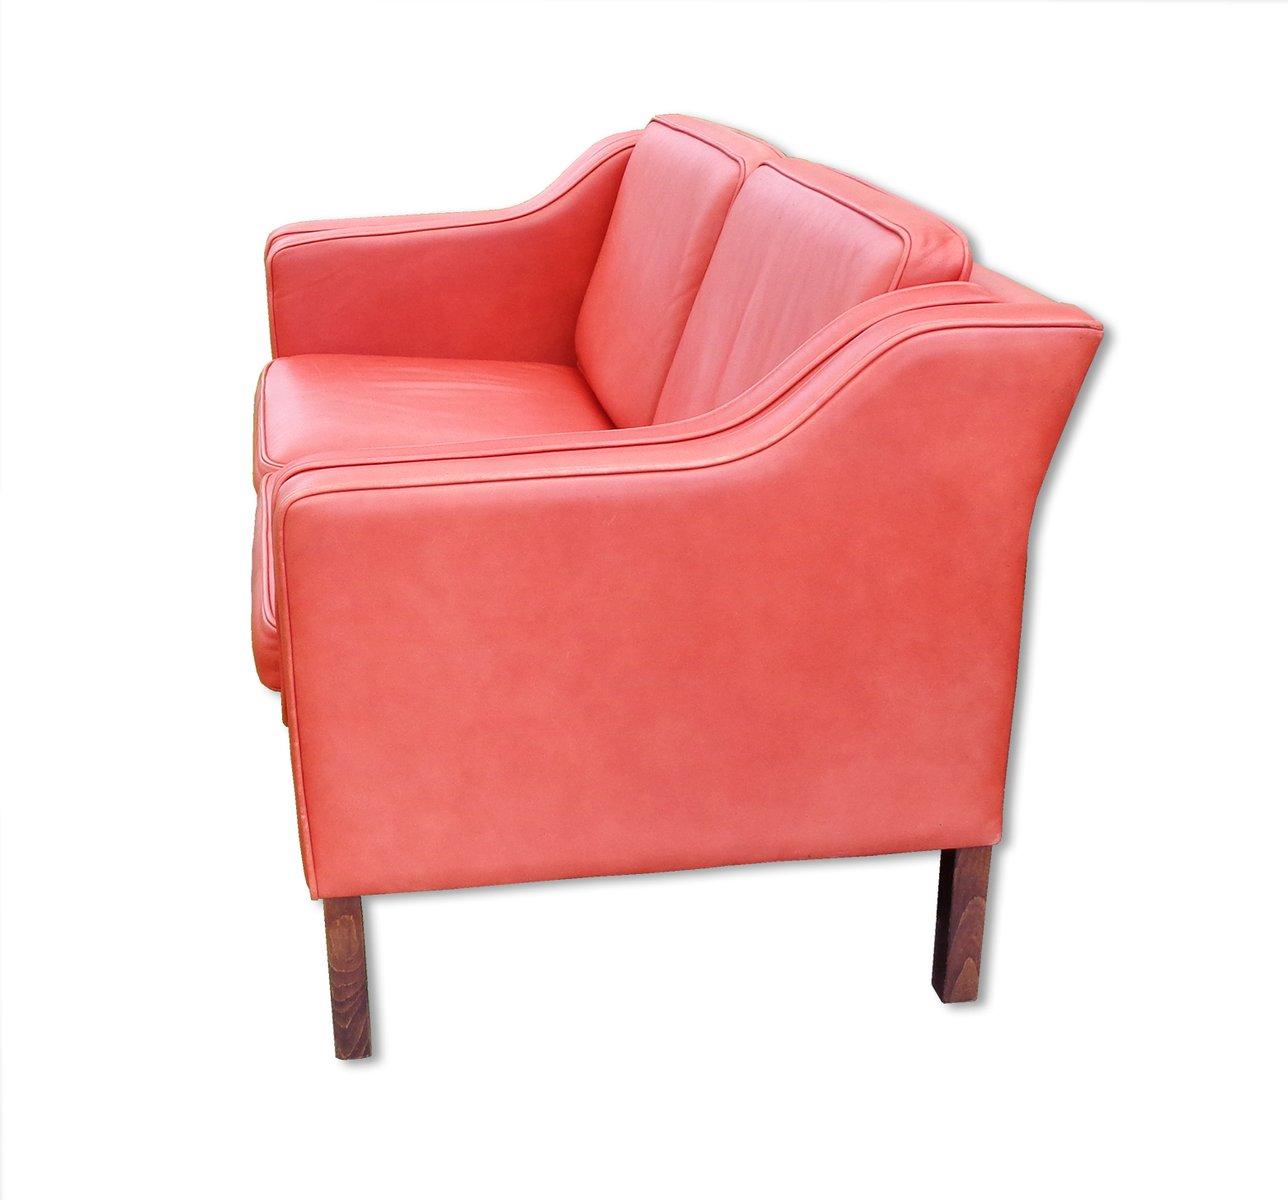 vintage 2 sitzer eva ledersofa von stouby 1980er bei. Black Bedroom Furniture Sets. Home Design Ideas